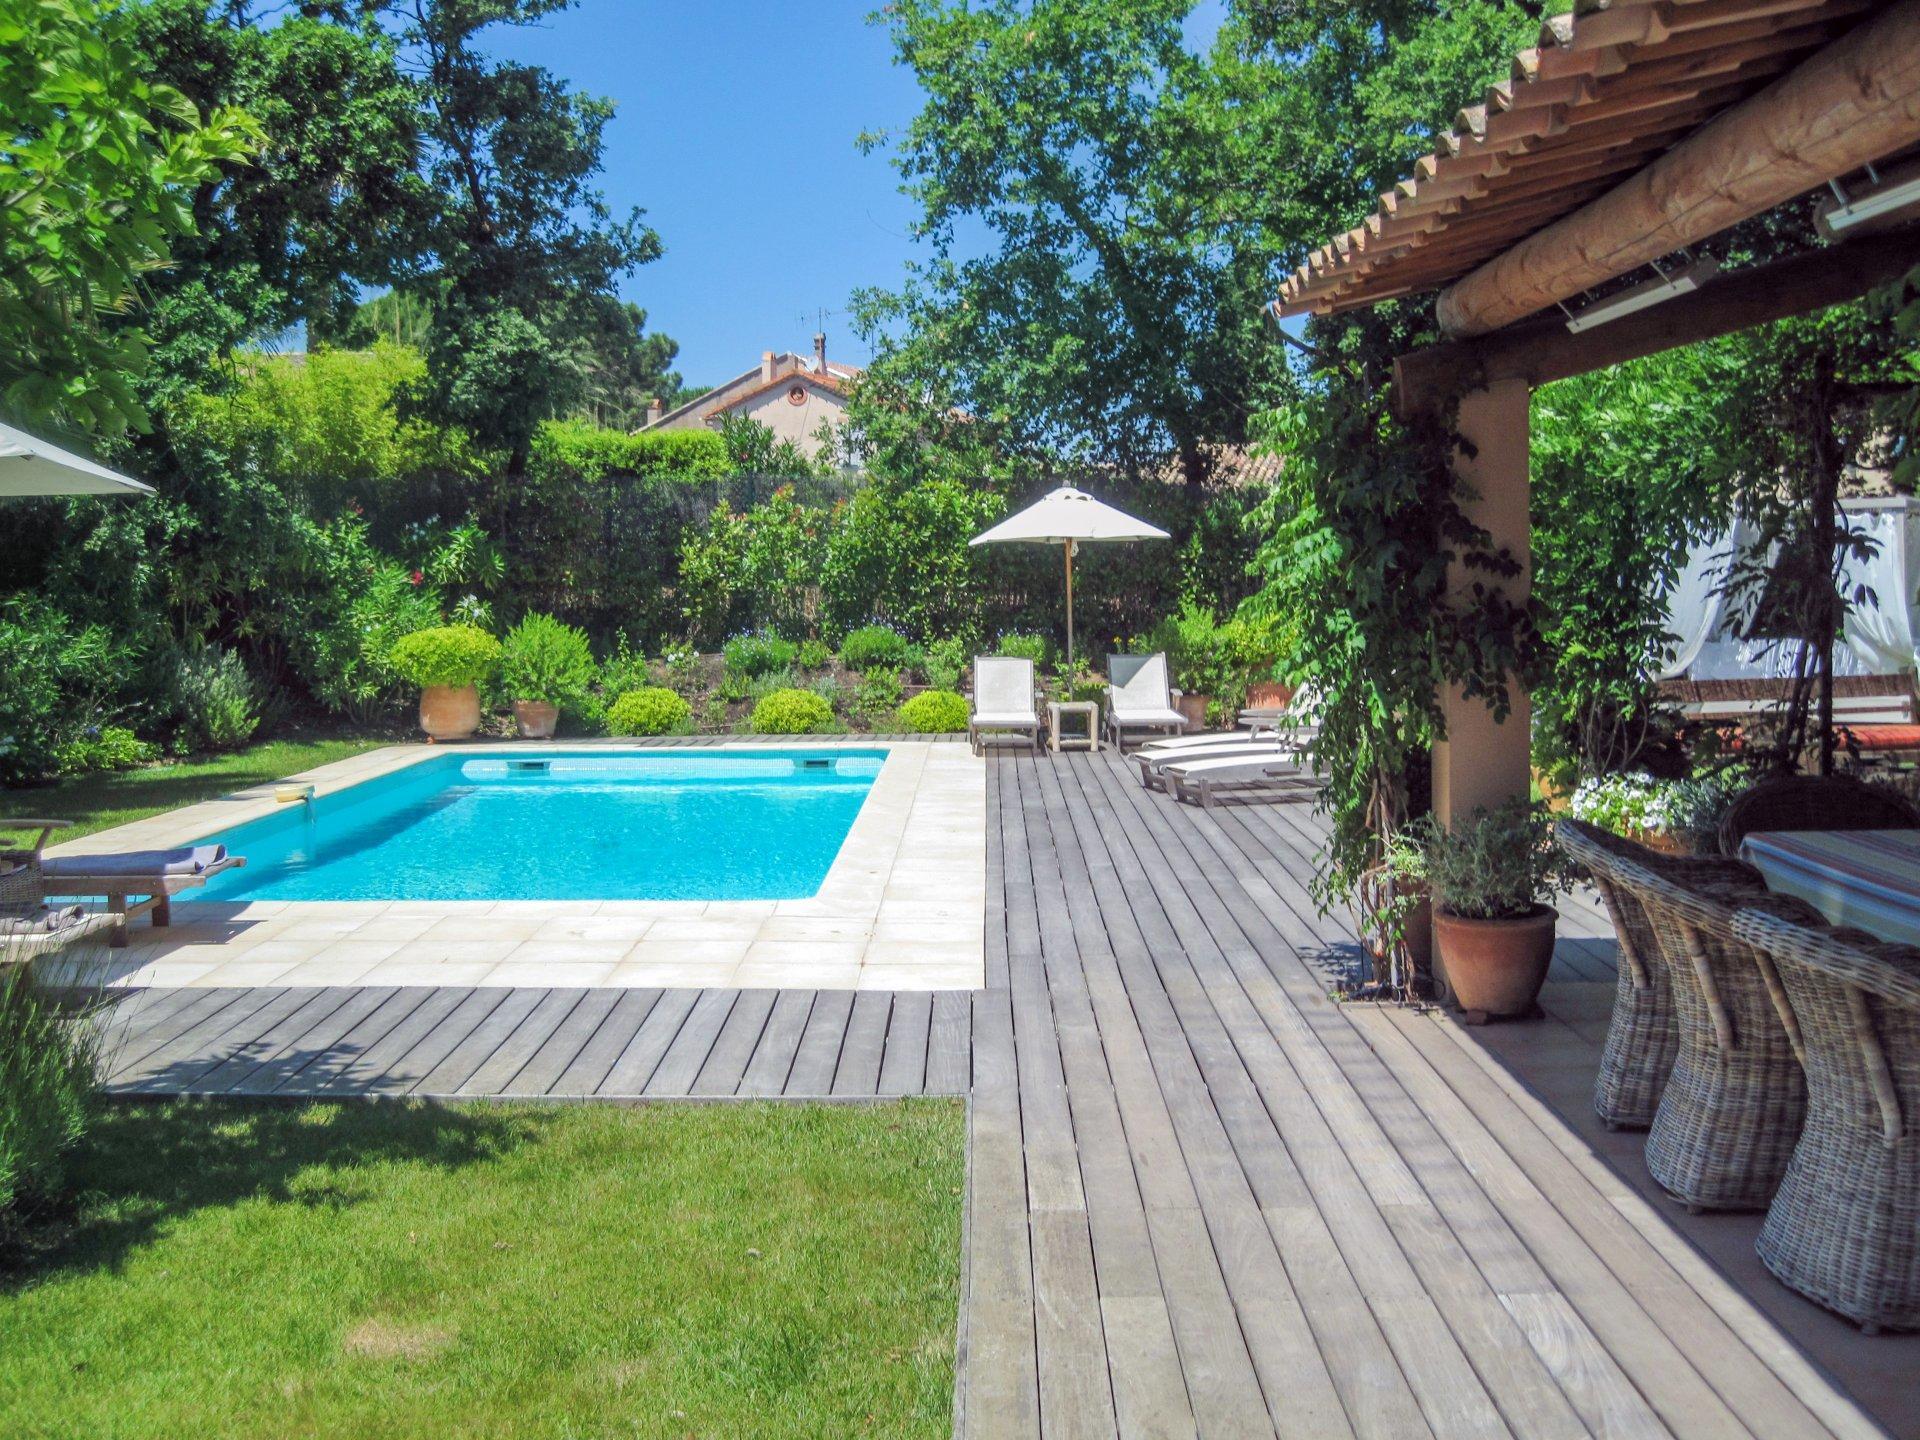 Pool 1, La Tropezienne, St Tropez, St Tropez Var.